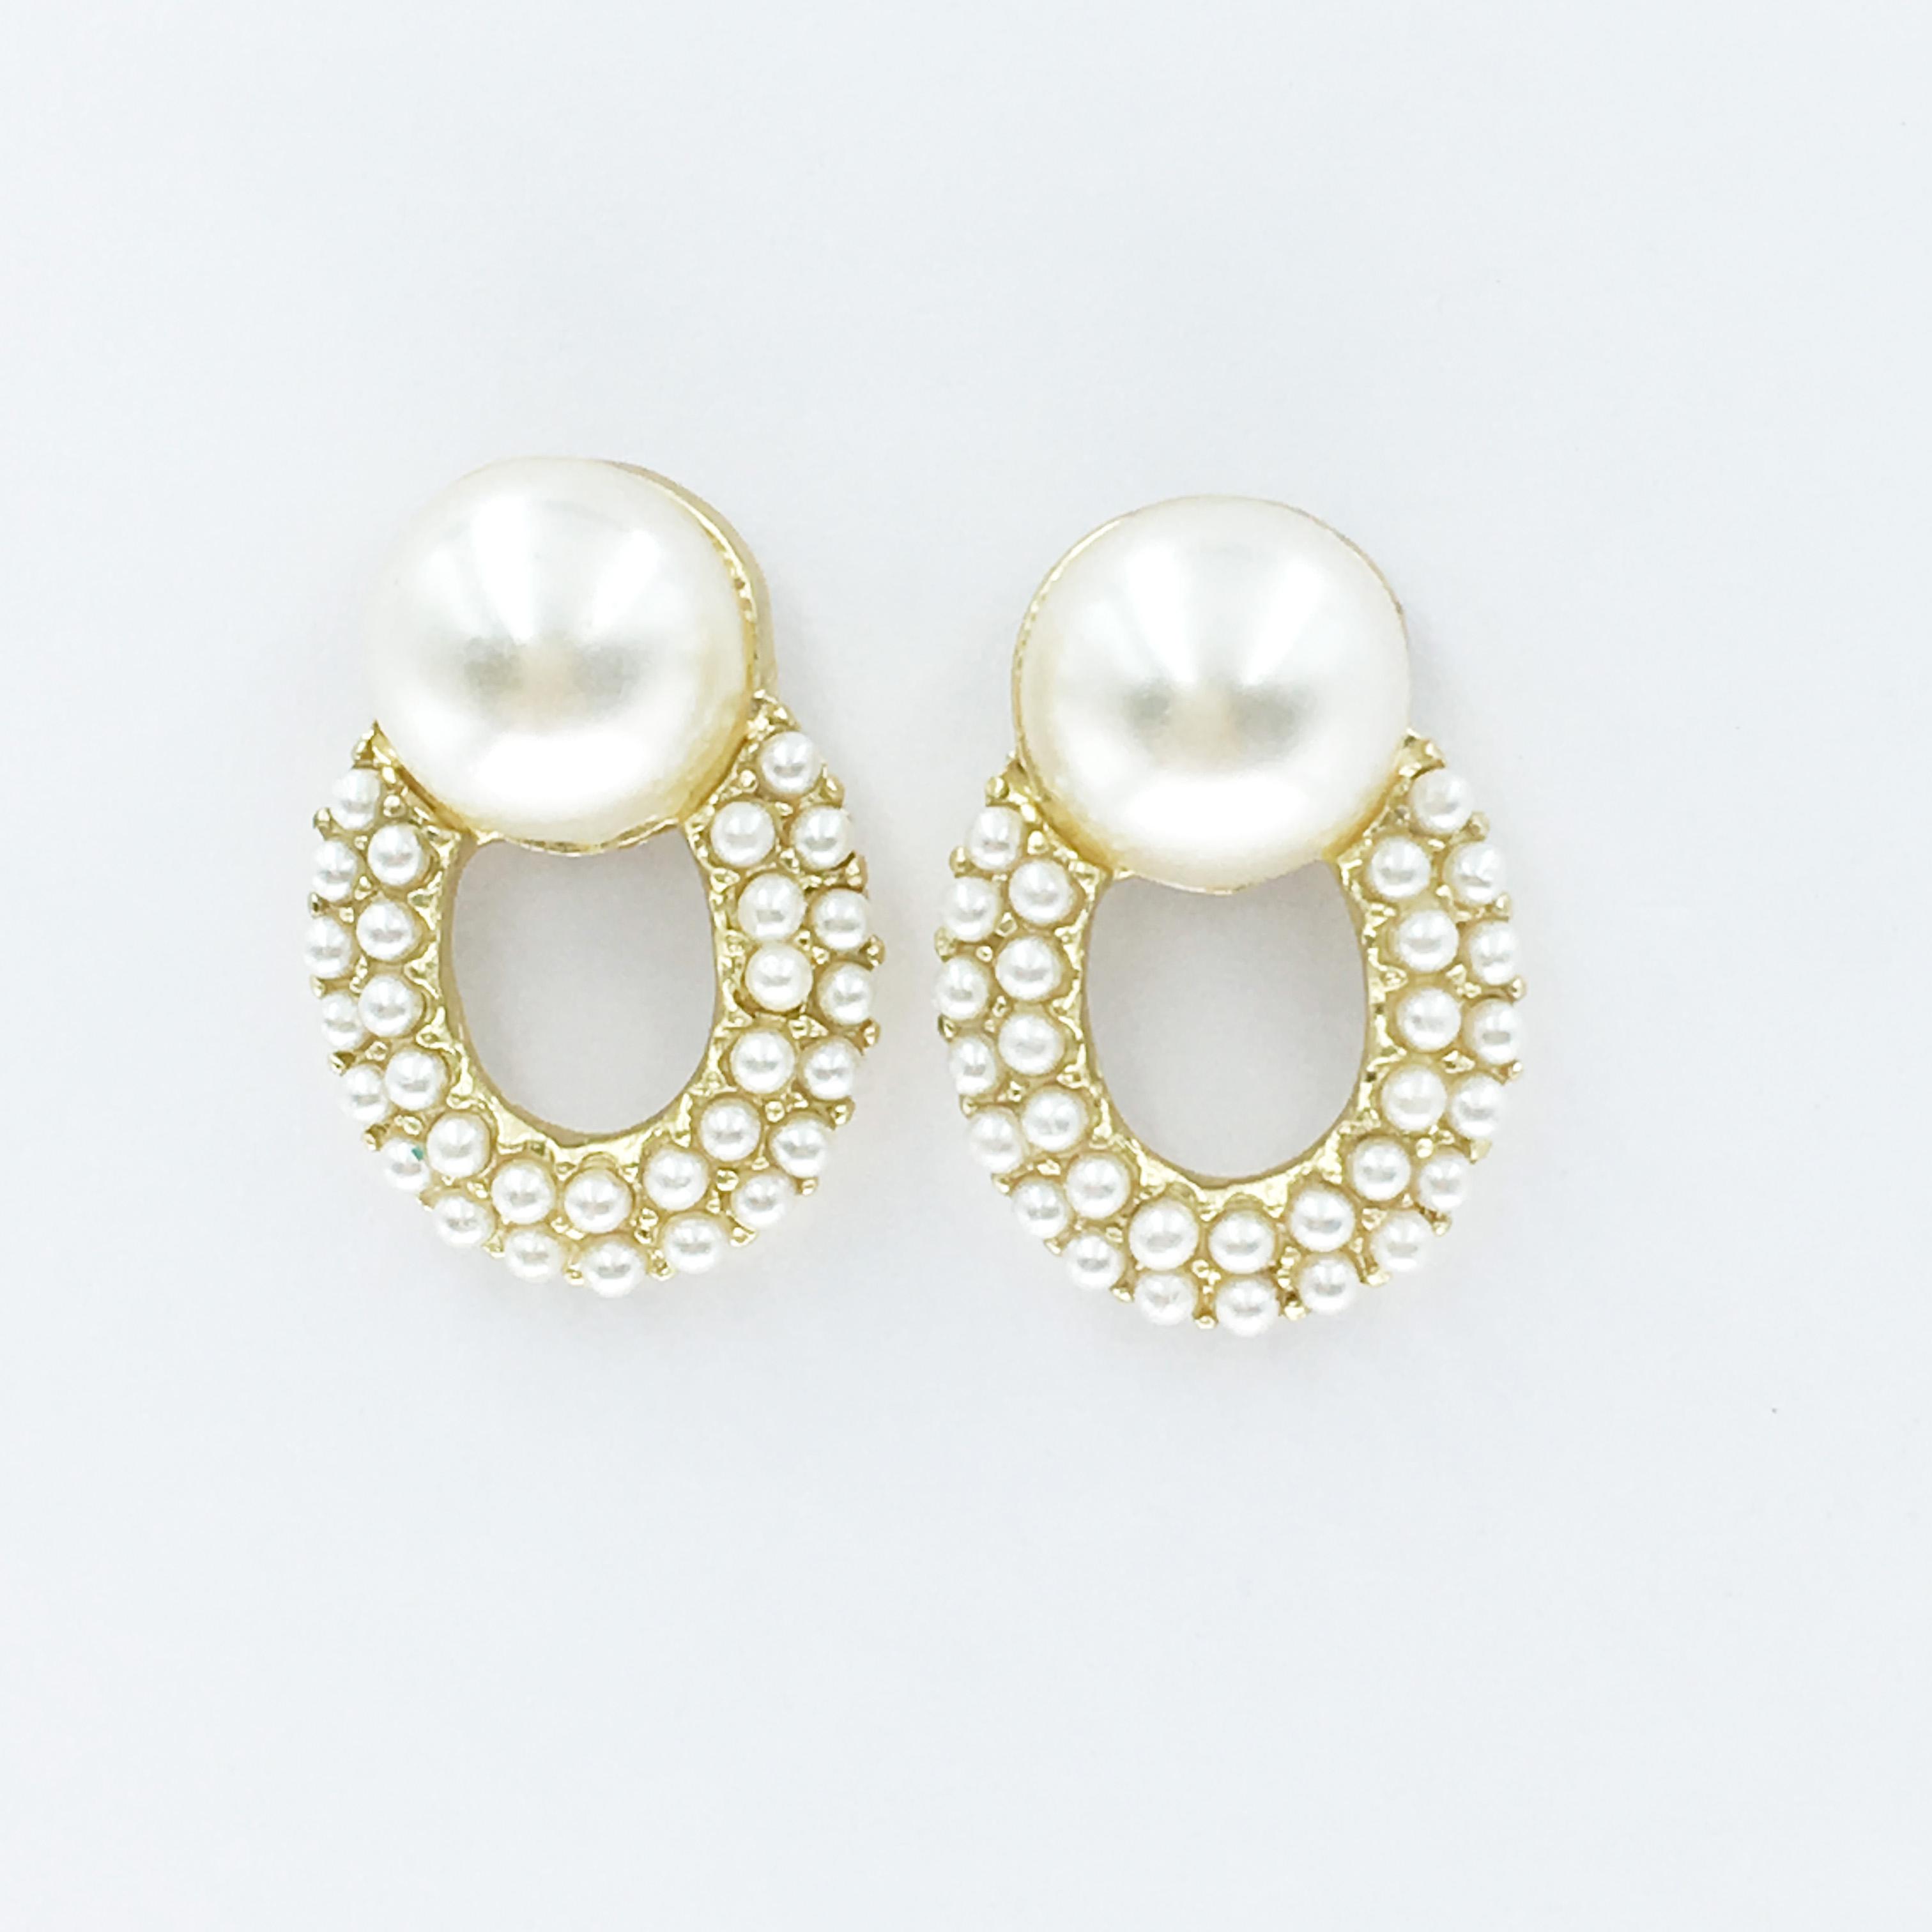 韓國 珍珠 金邊 圓弧 耳針式耳環